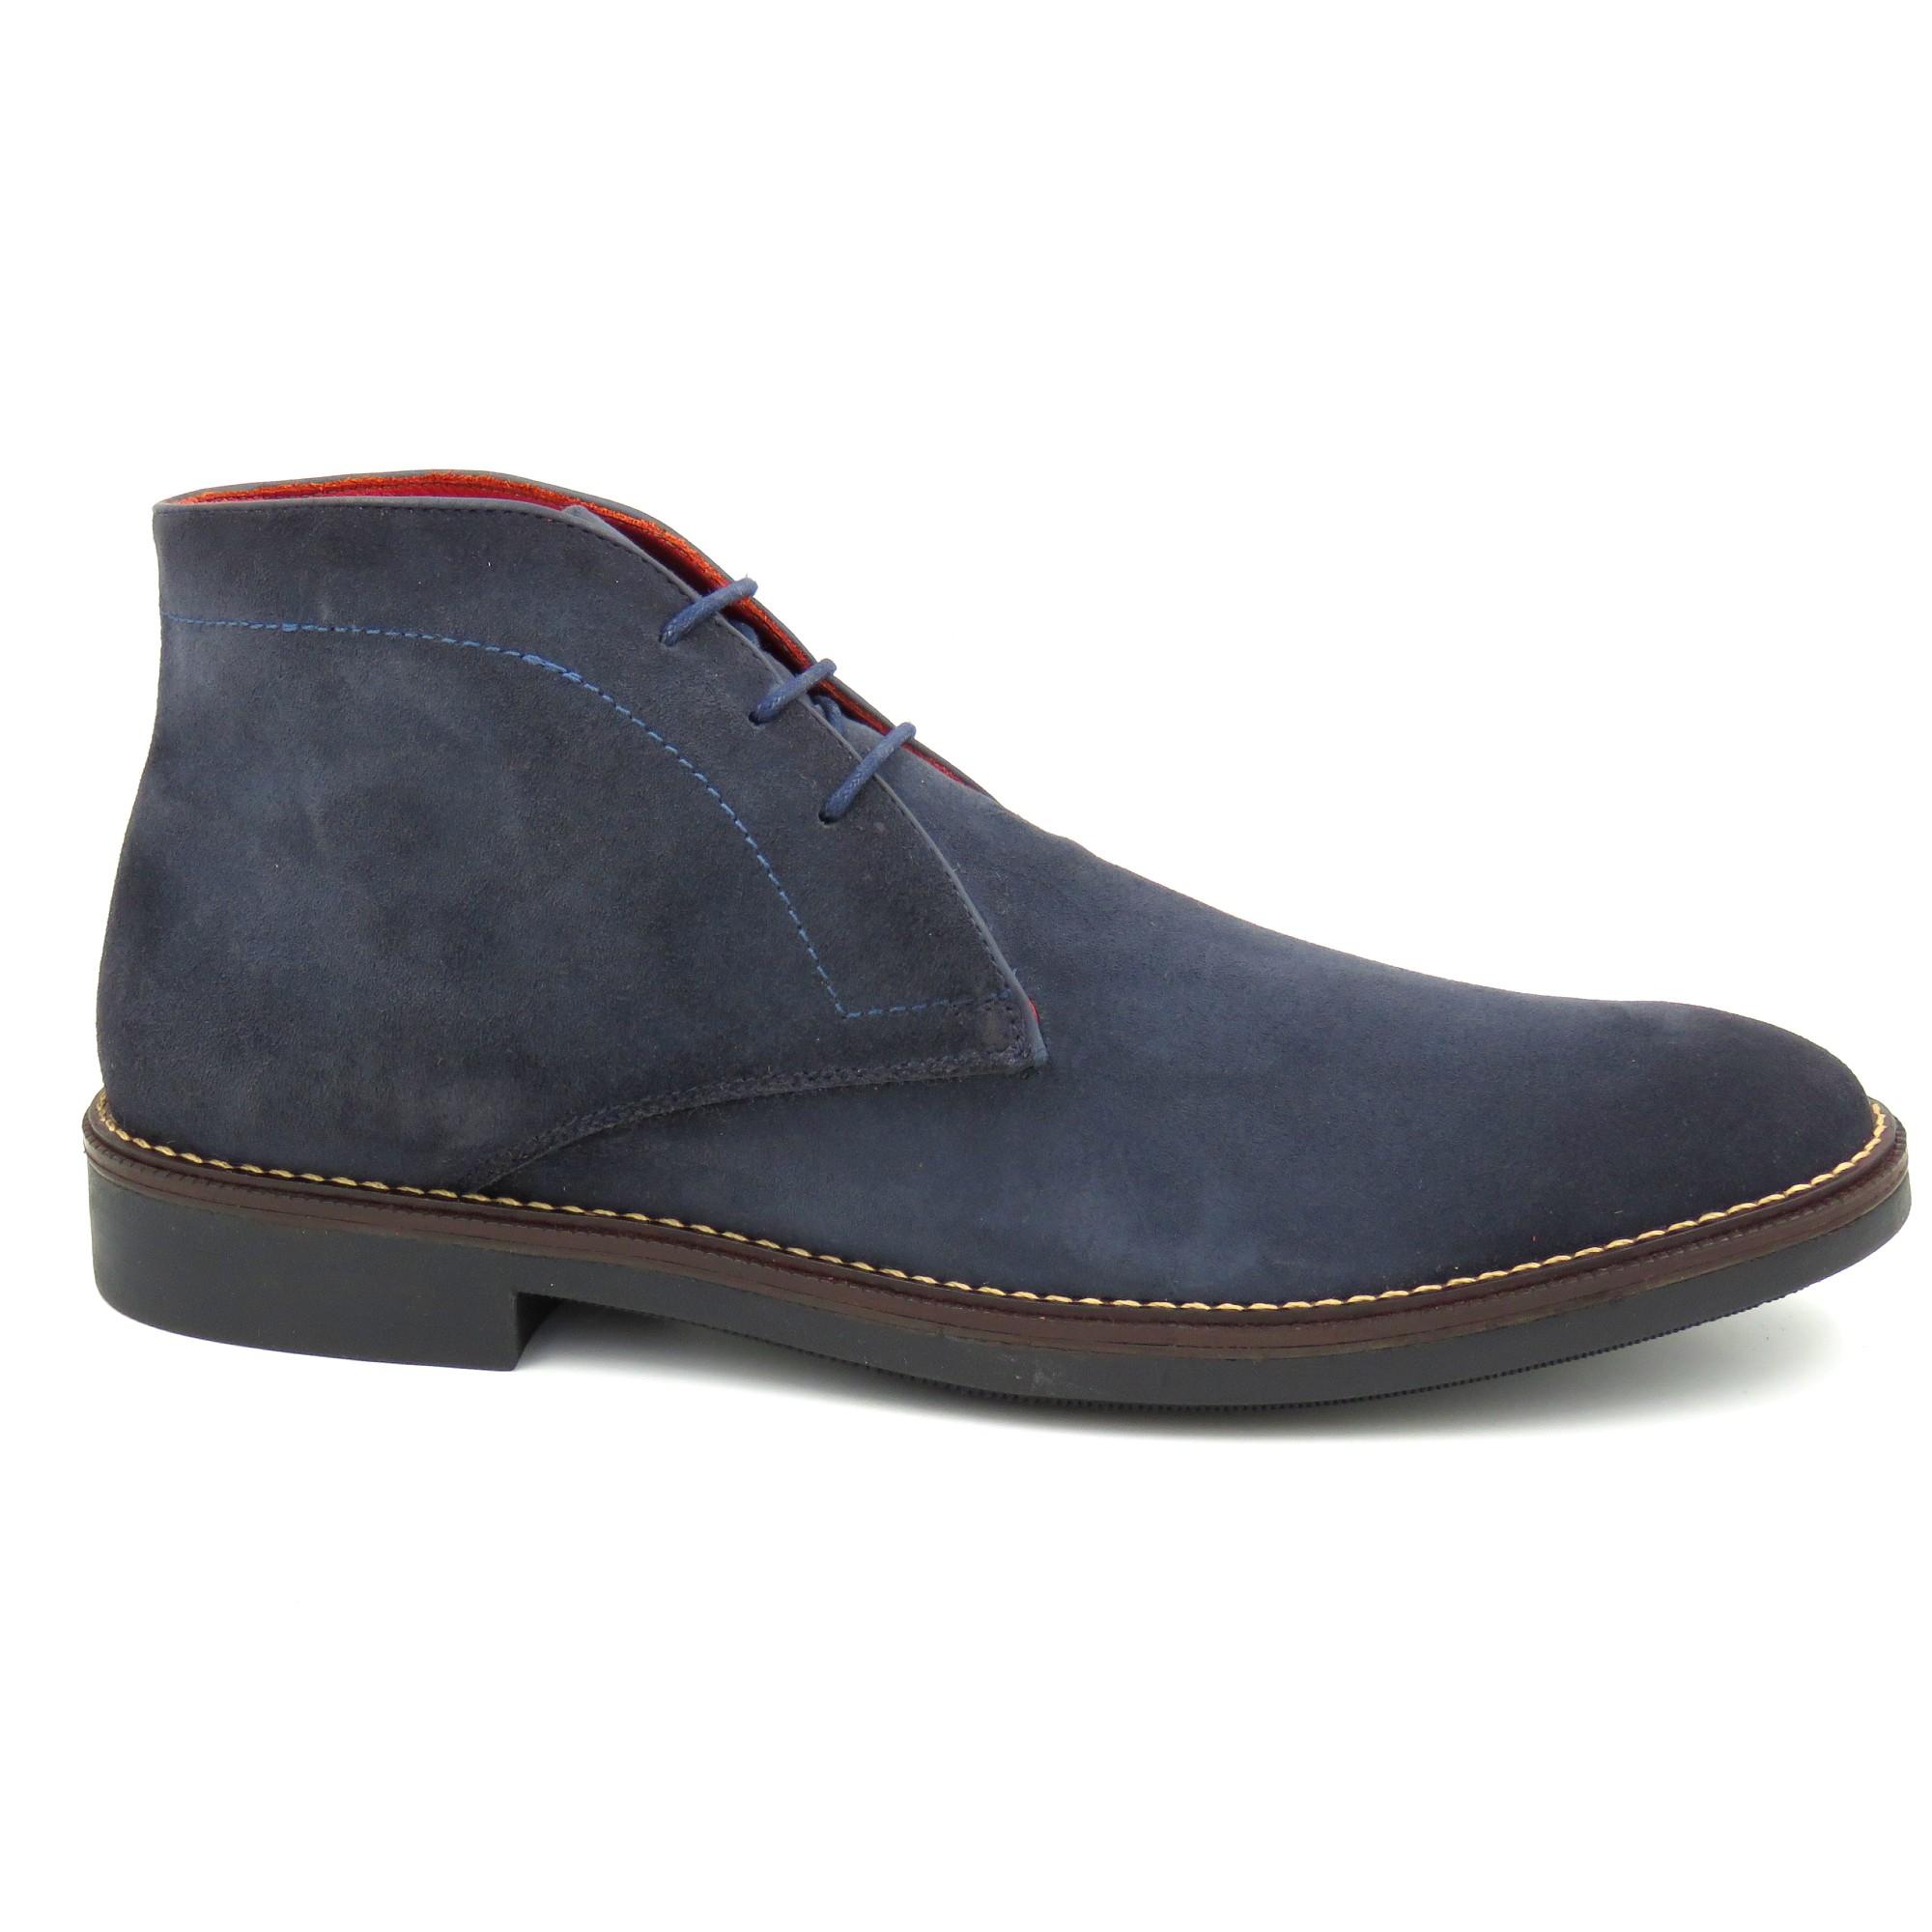 Sapato Abotinado Camurça Sola De Borracha 678005